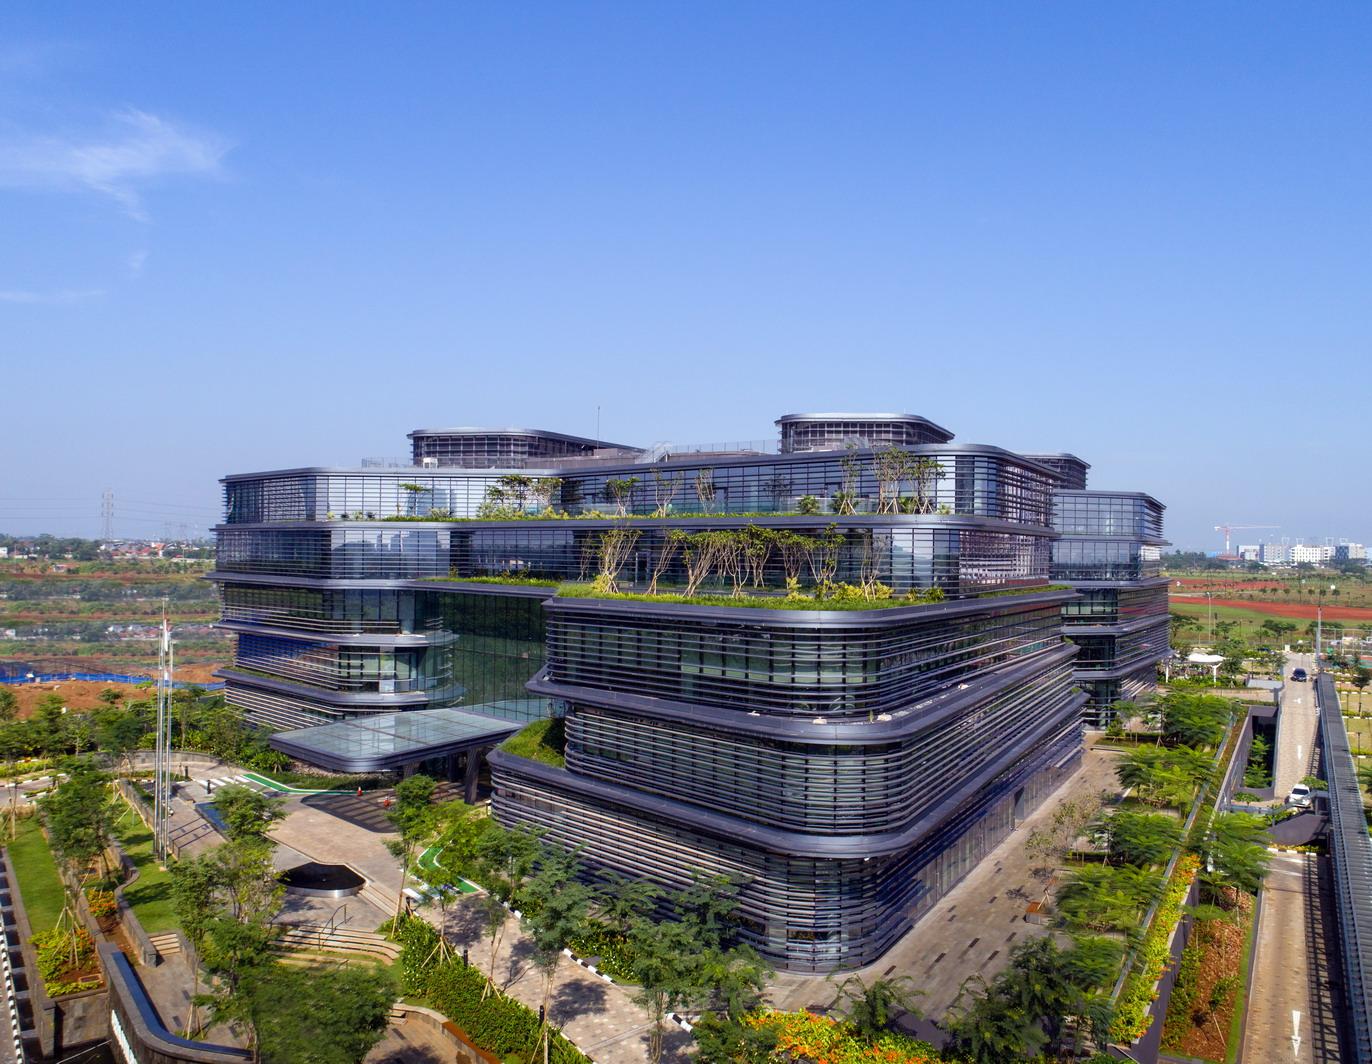 二层平面图 ▲手绘图 项目名称:联合利华总部大楼 位置:印度尼西